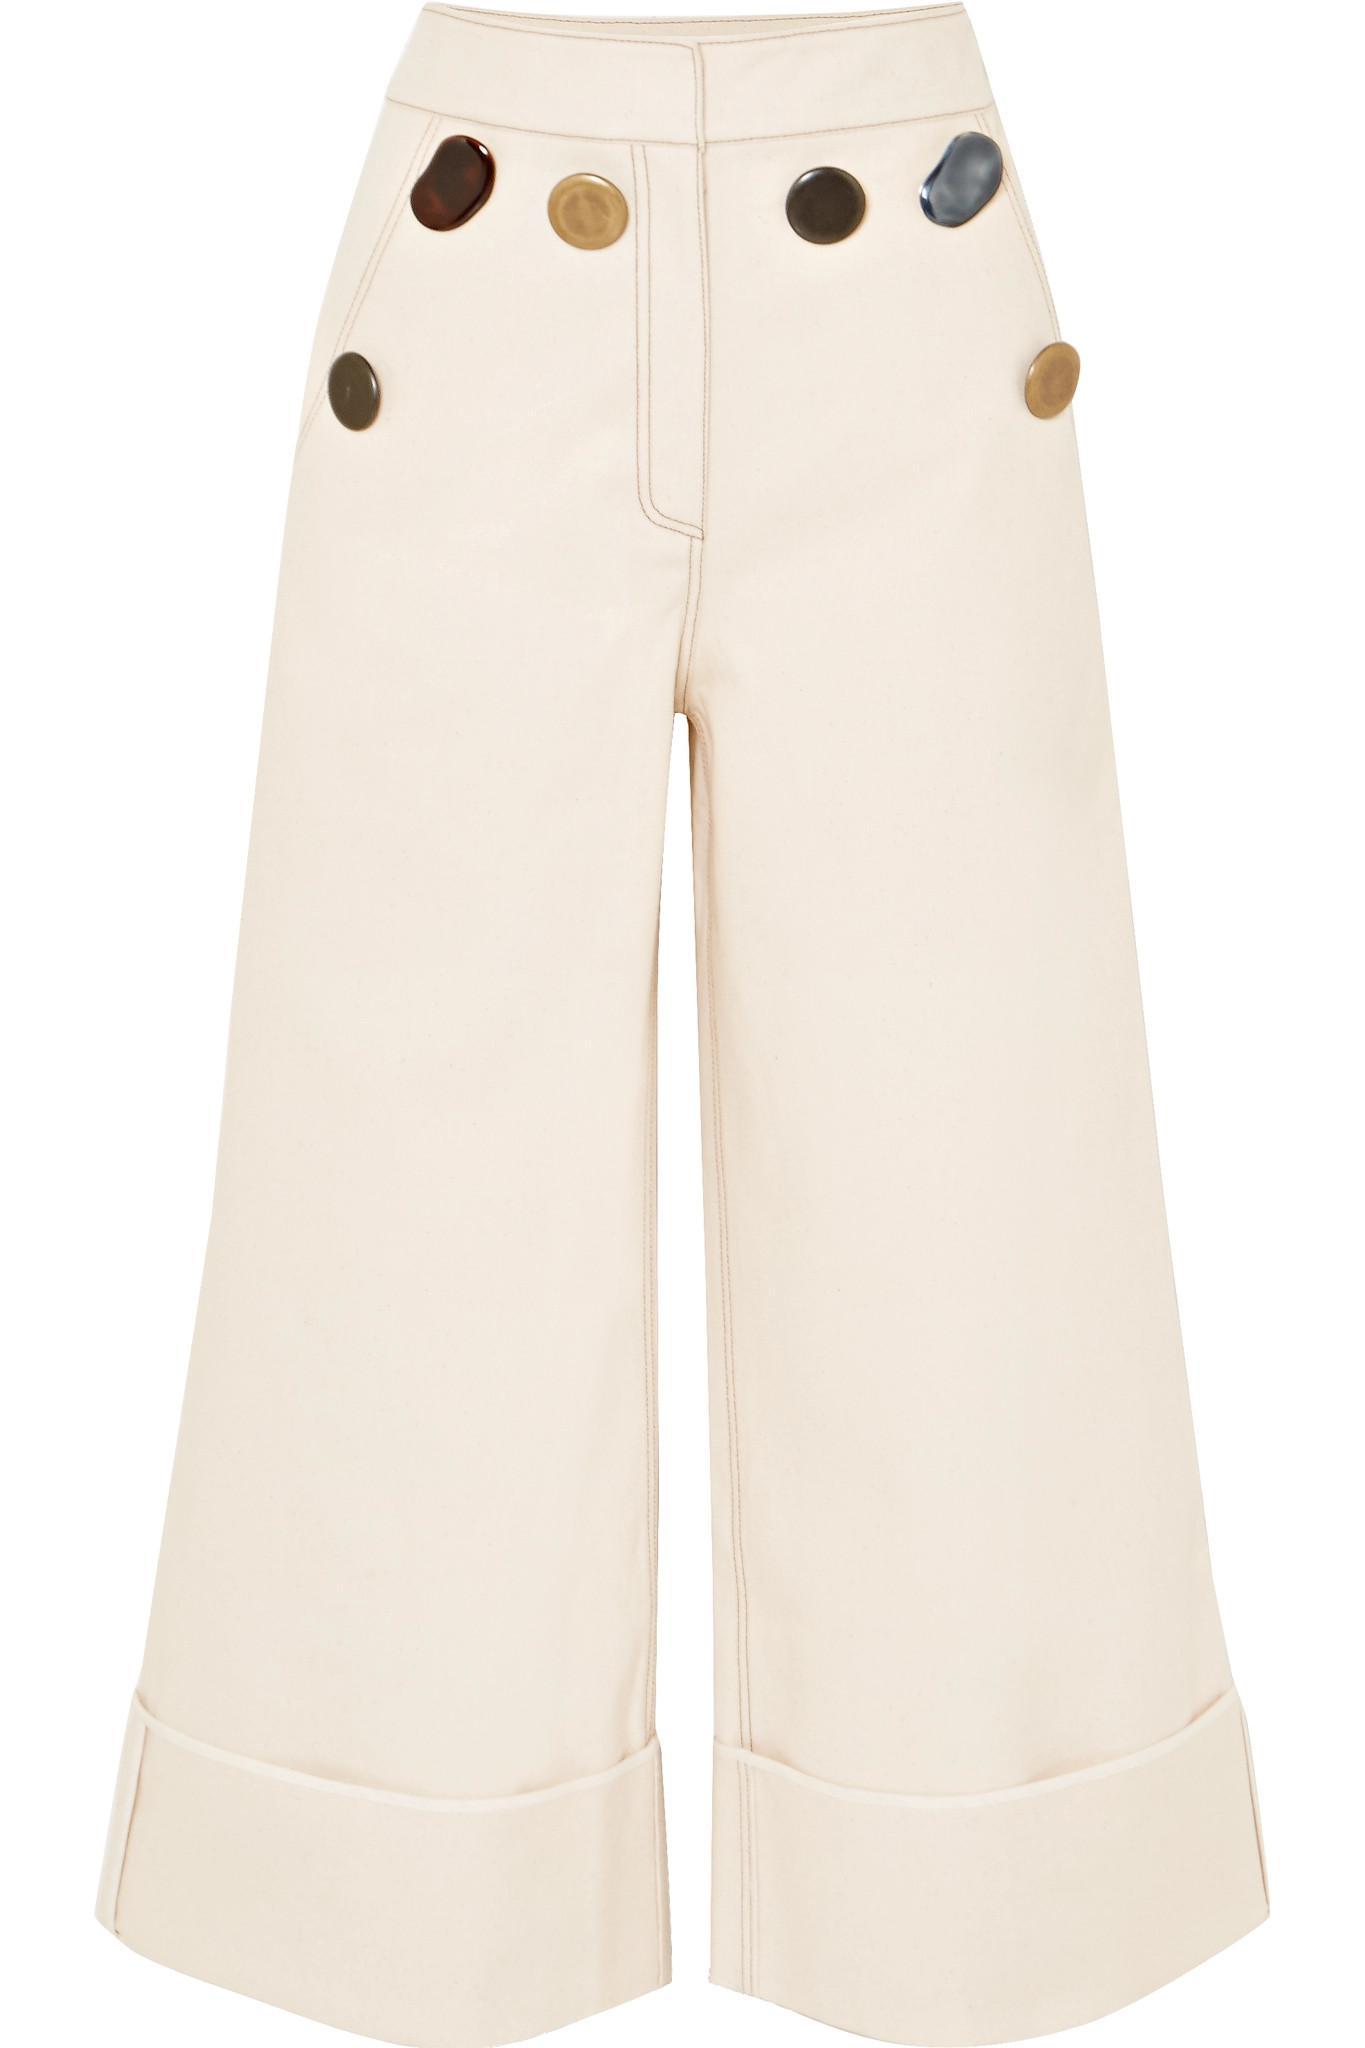 Bailey Cropped High-rise Wide-leg Jeans - Ecru Rejina Pyo daUuZ8uVhK